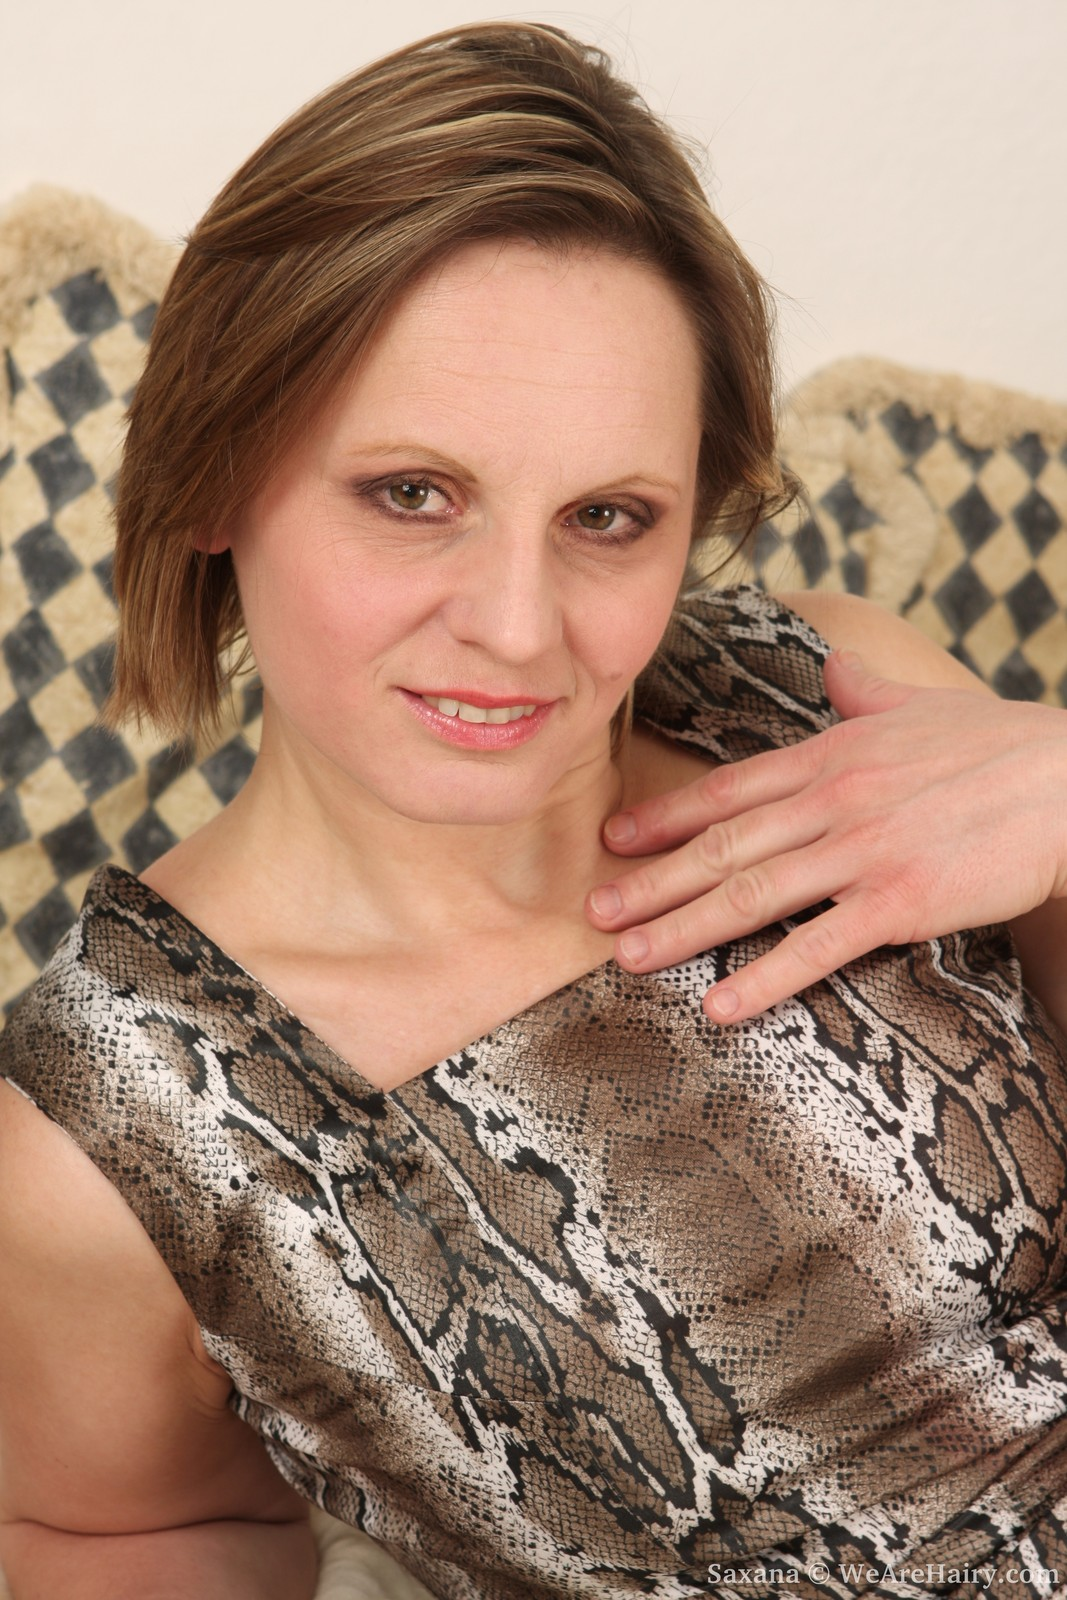 Saxana spreads her juicy bush wide